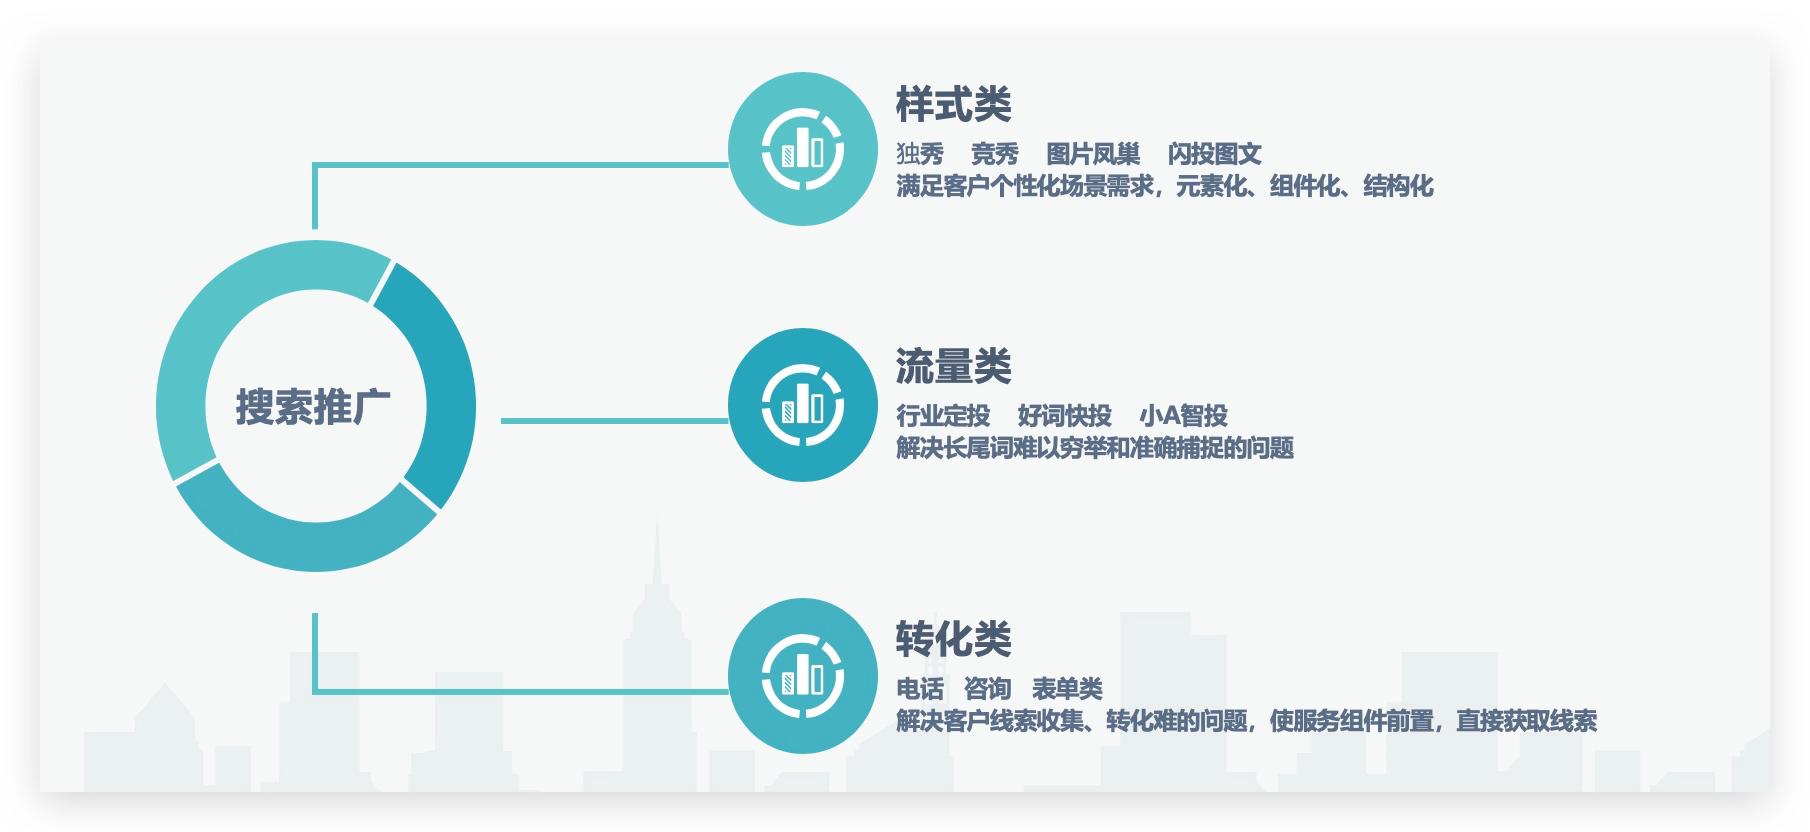 苏州百度推广账户管理菜根谭公司,竞价成本高的行业,精细化投放有效控制成本